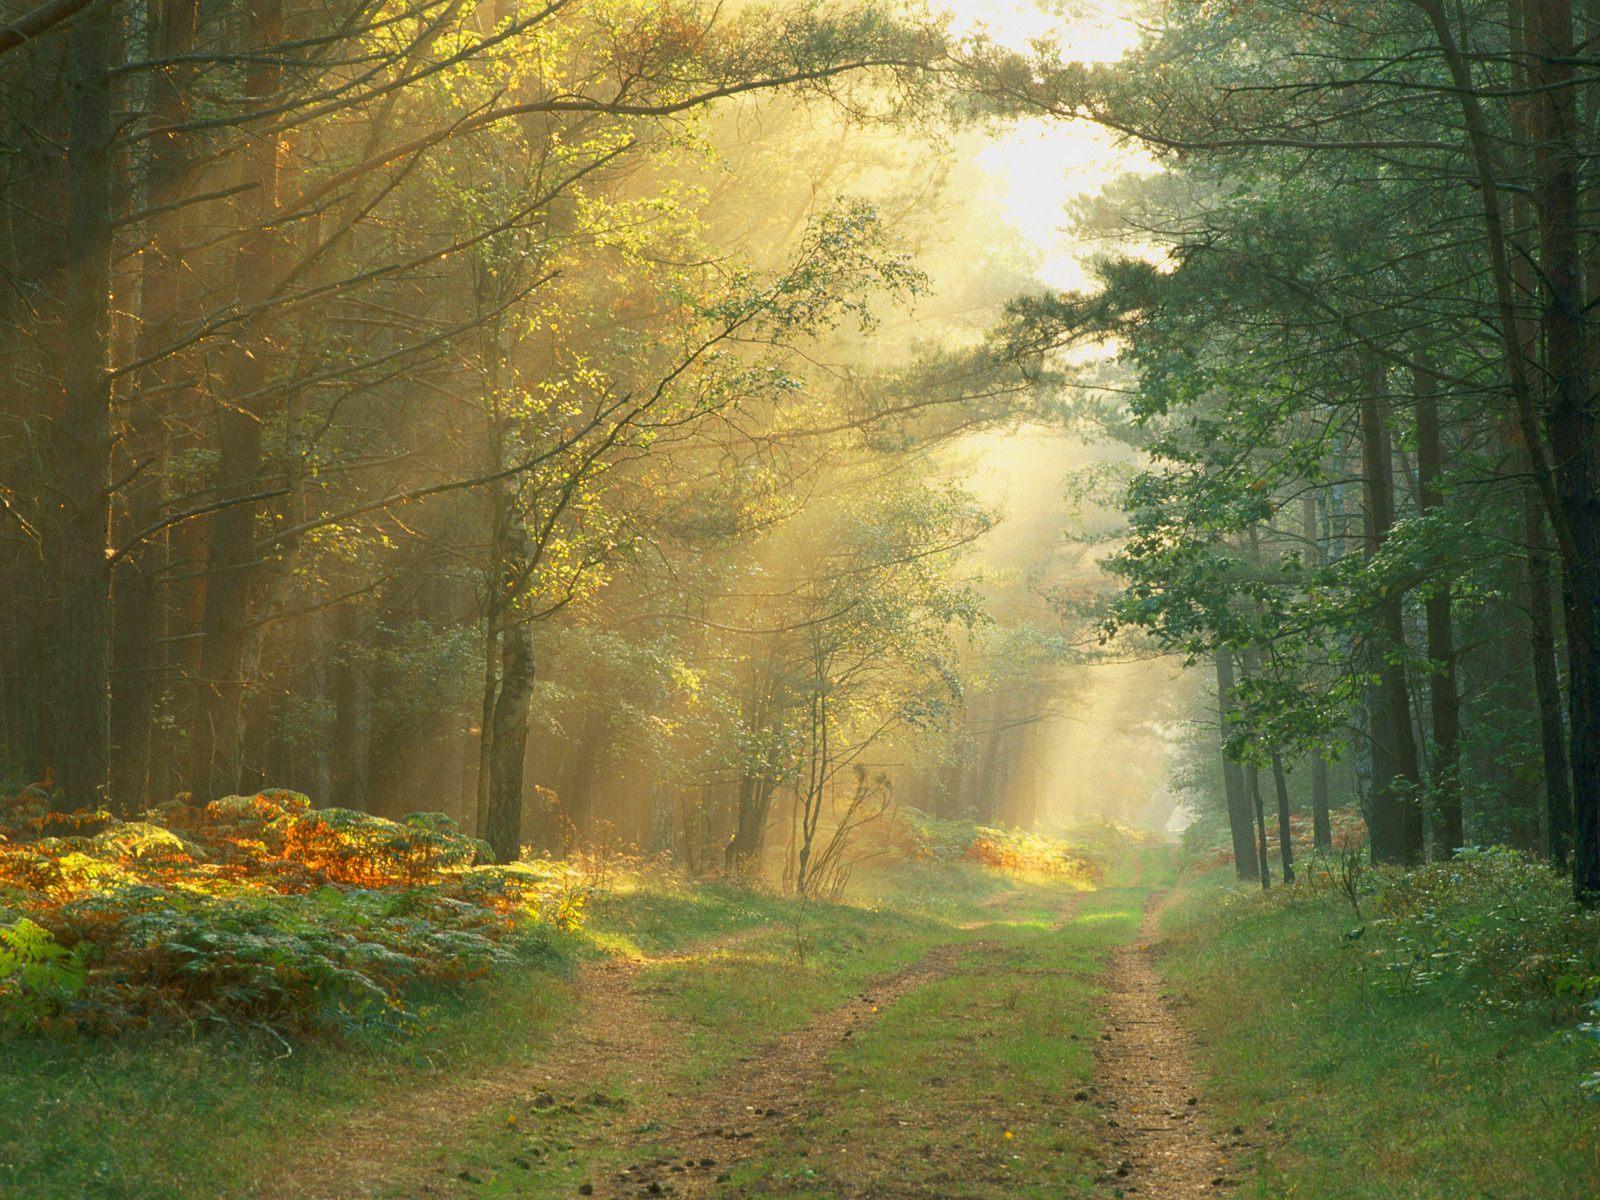 http://2.bp.blogspot.com/-sNUr78tLev4/TWFzdvkAW-I/AAAAAAAAA0I/pzzgzYGly90/s1600/sun-rays-wallpaper.jpg